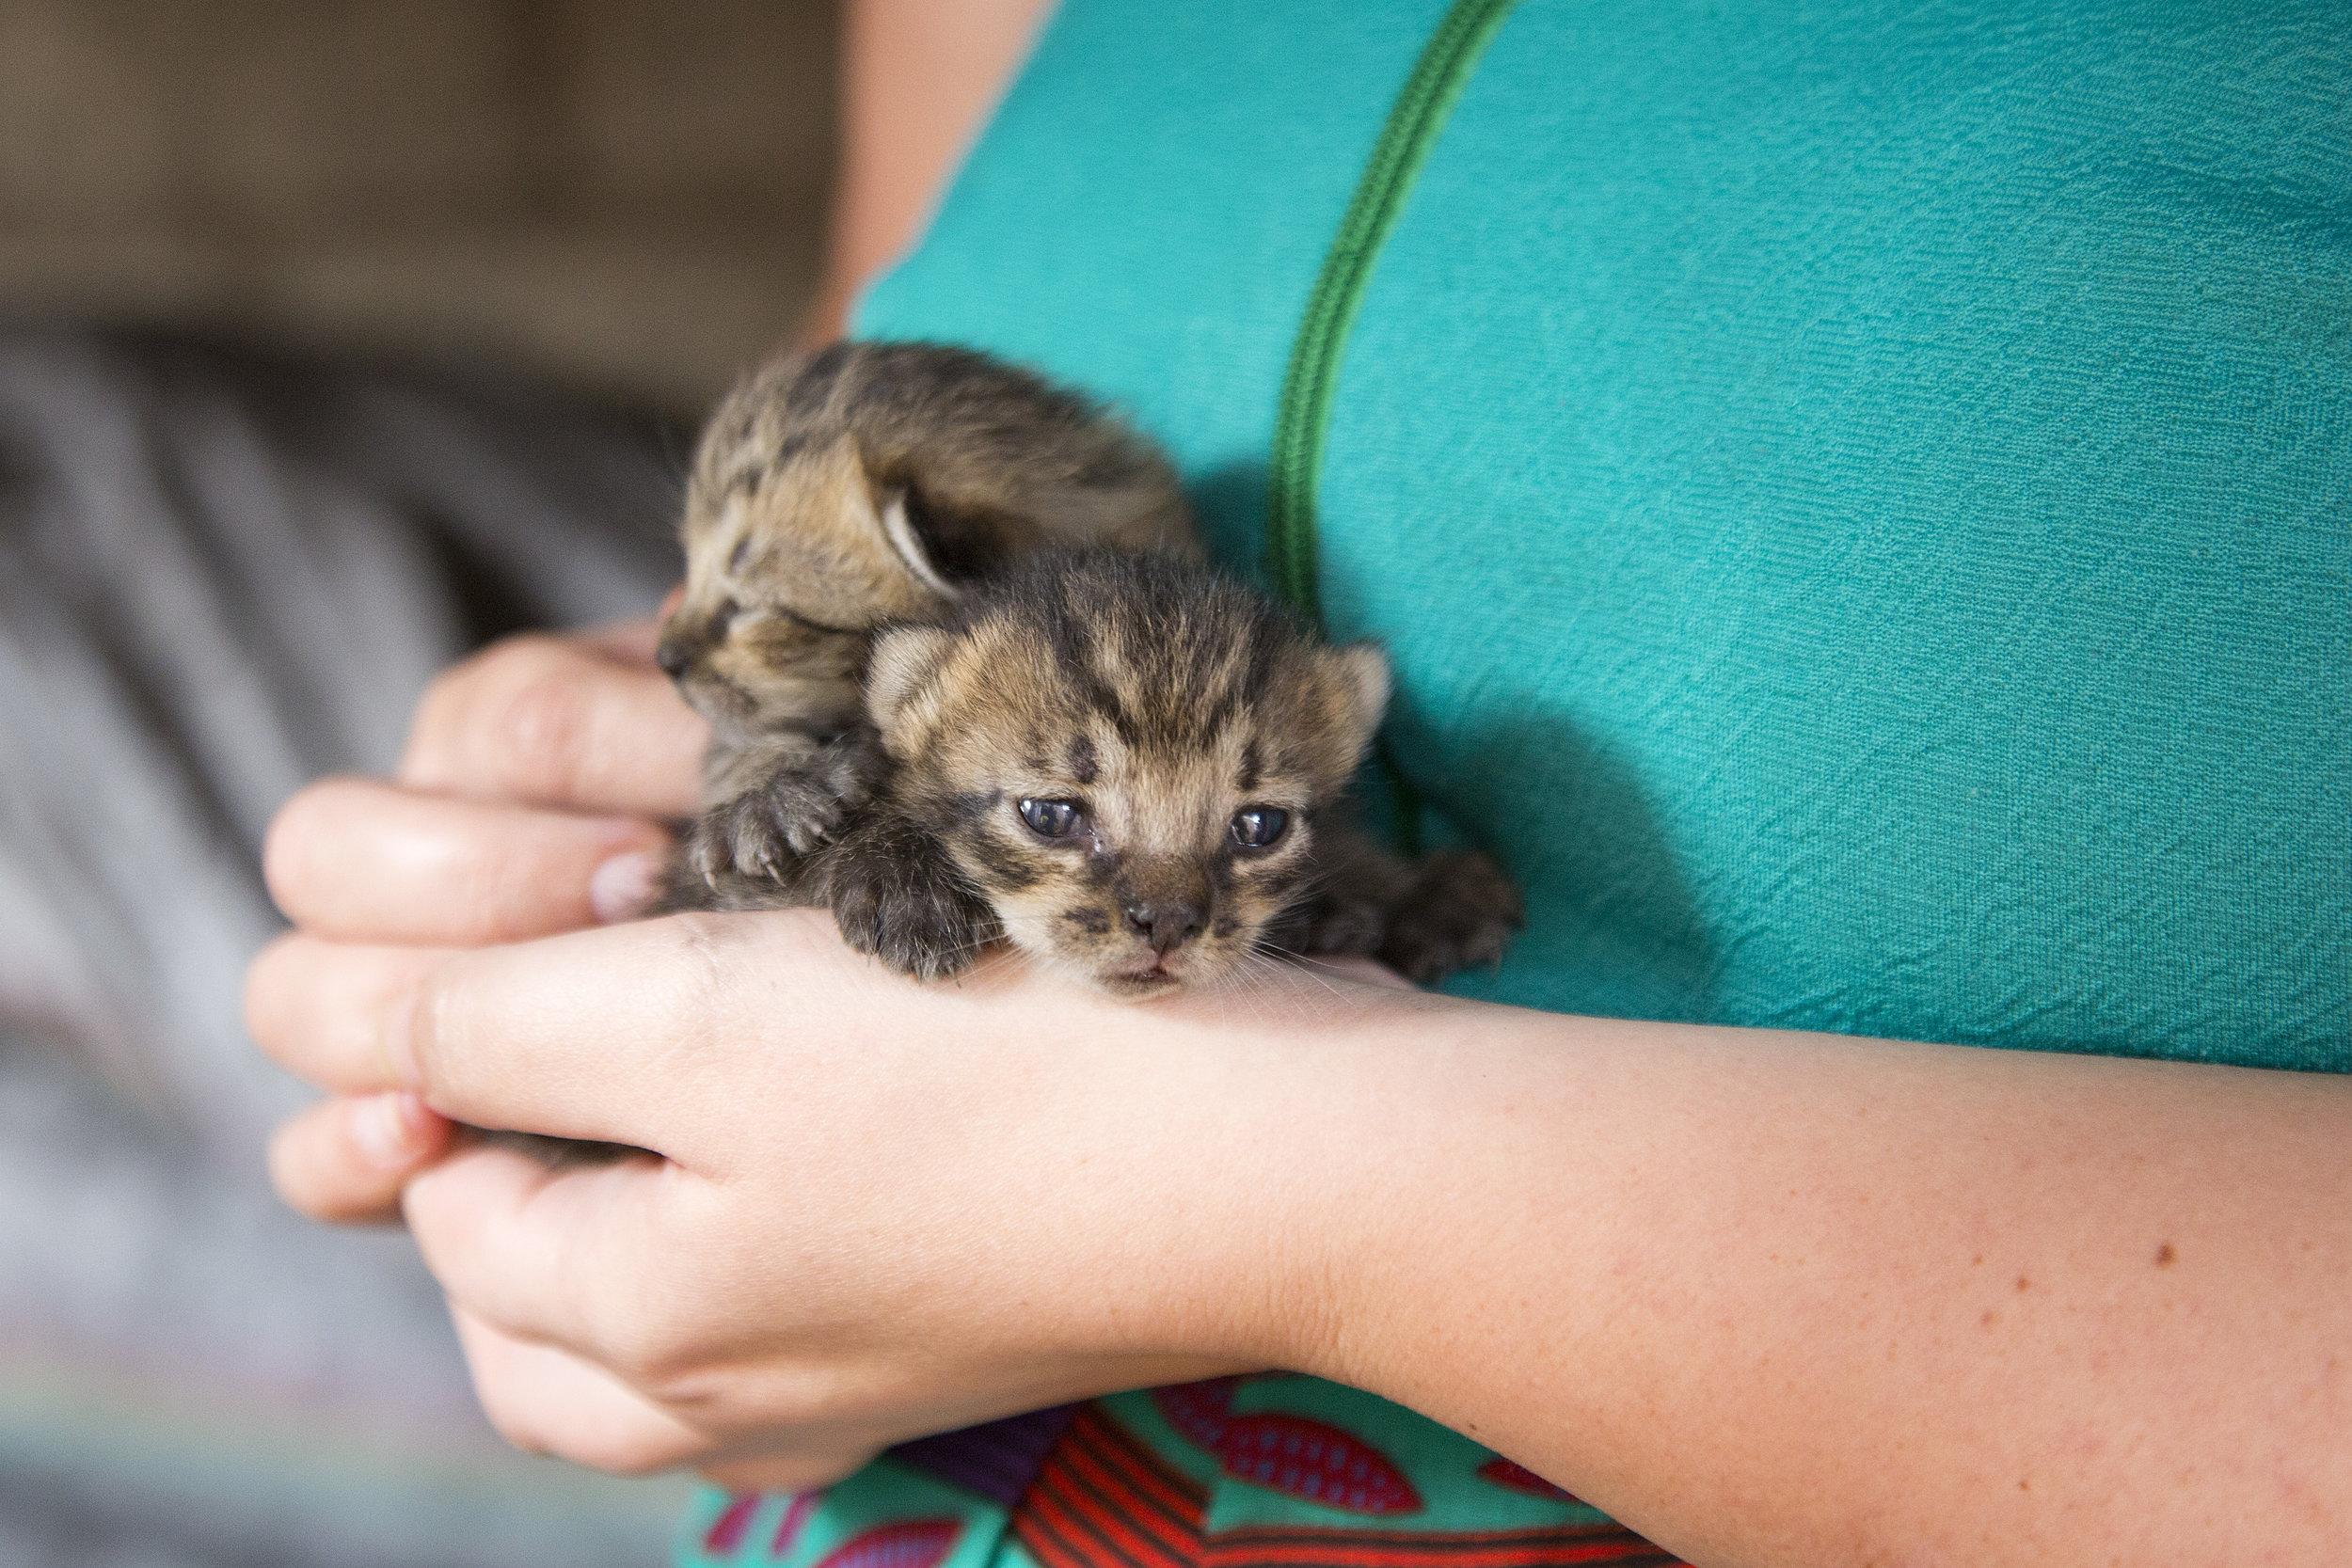 Not-yet-named kittens from Daisy